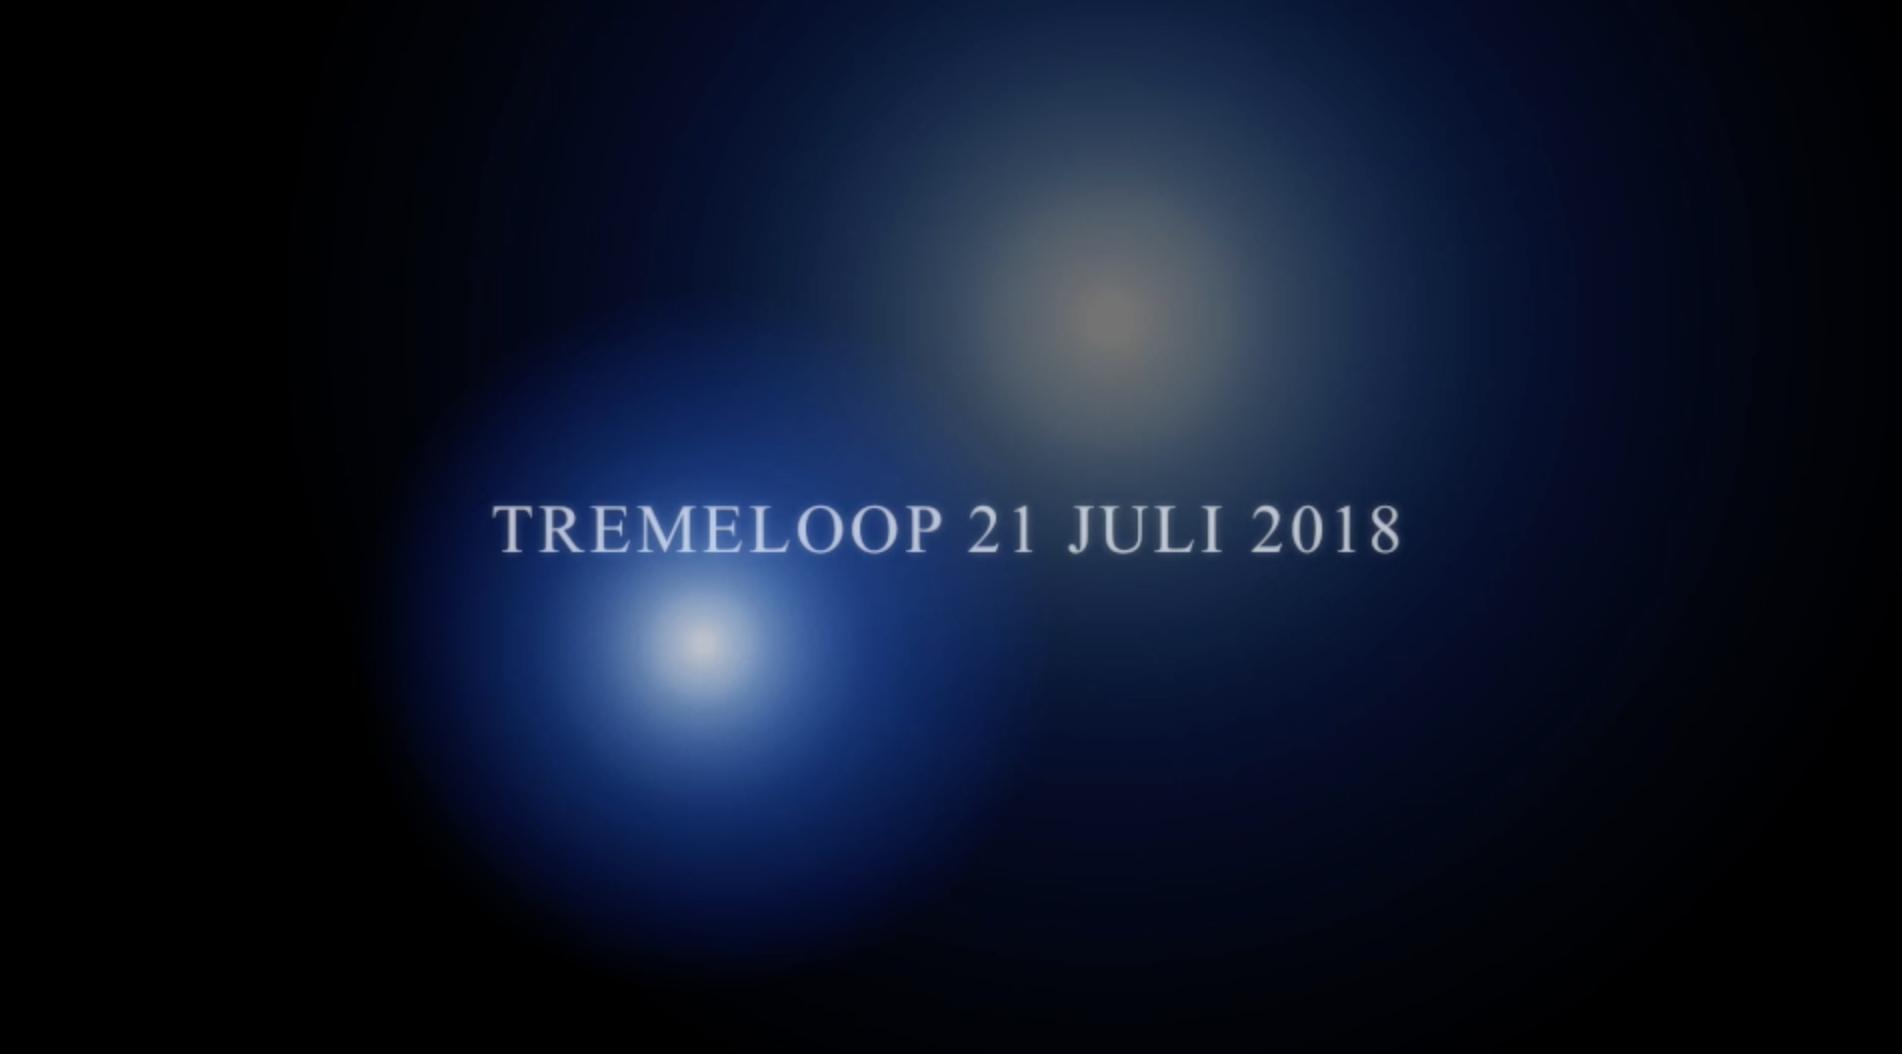 Tremeloop